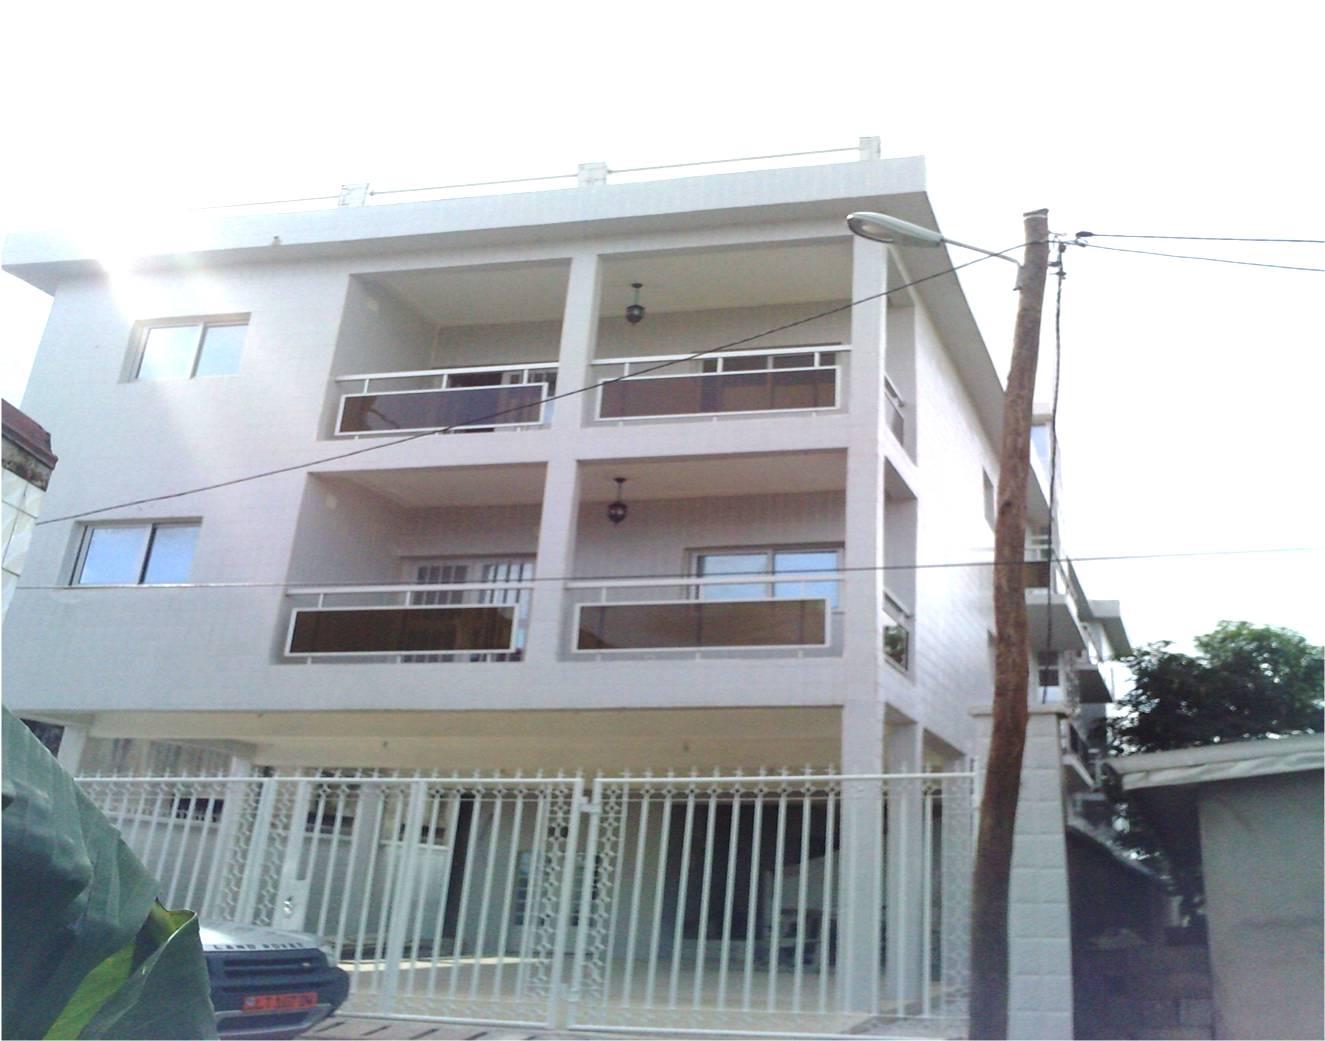 Appartement 3 chambres a louer a bonaberi petites for Appartement et maison a louer liege